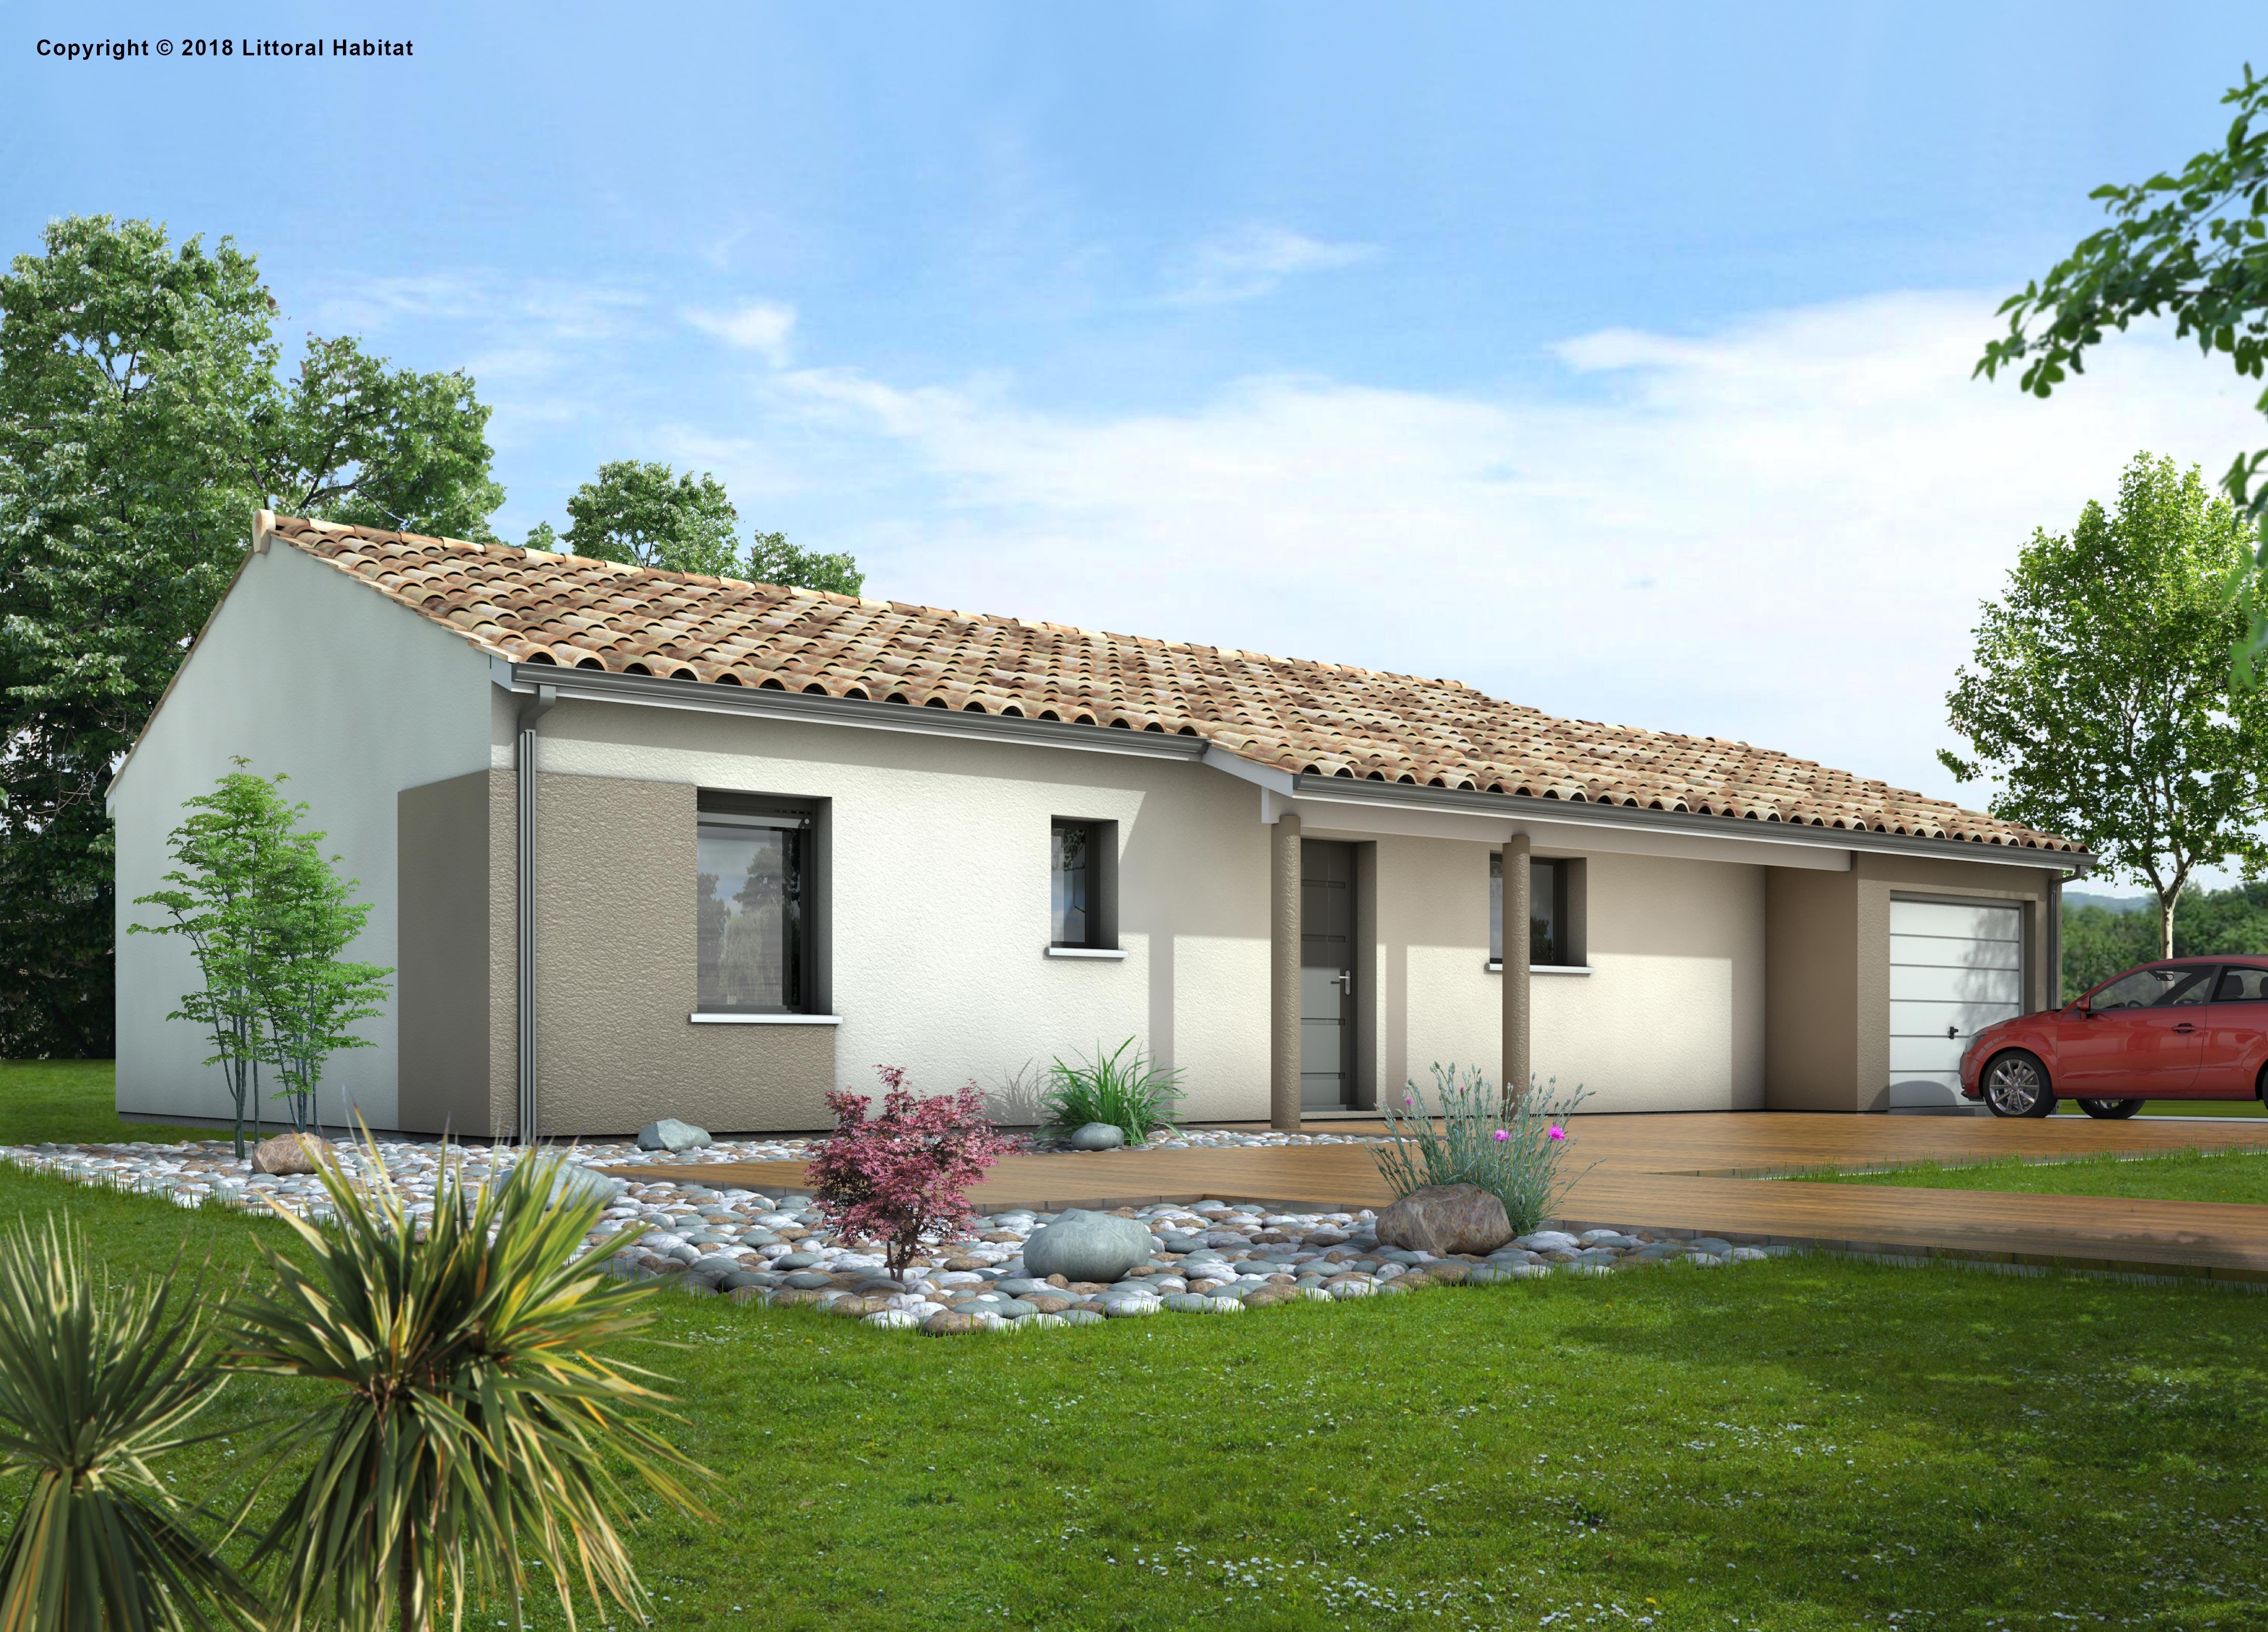 Maisons + Terrains du constructeur LITTORAL HABITAT DAX • 80 m² • BENESSE LES DAX